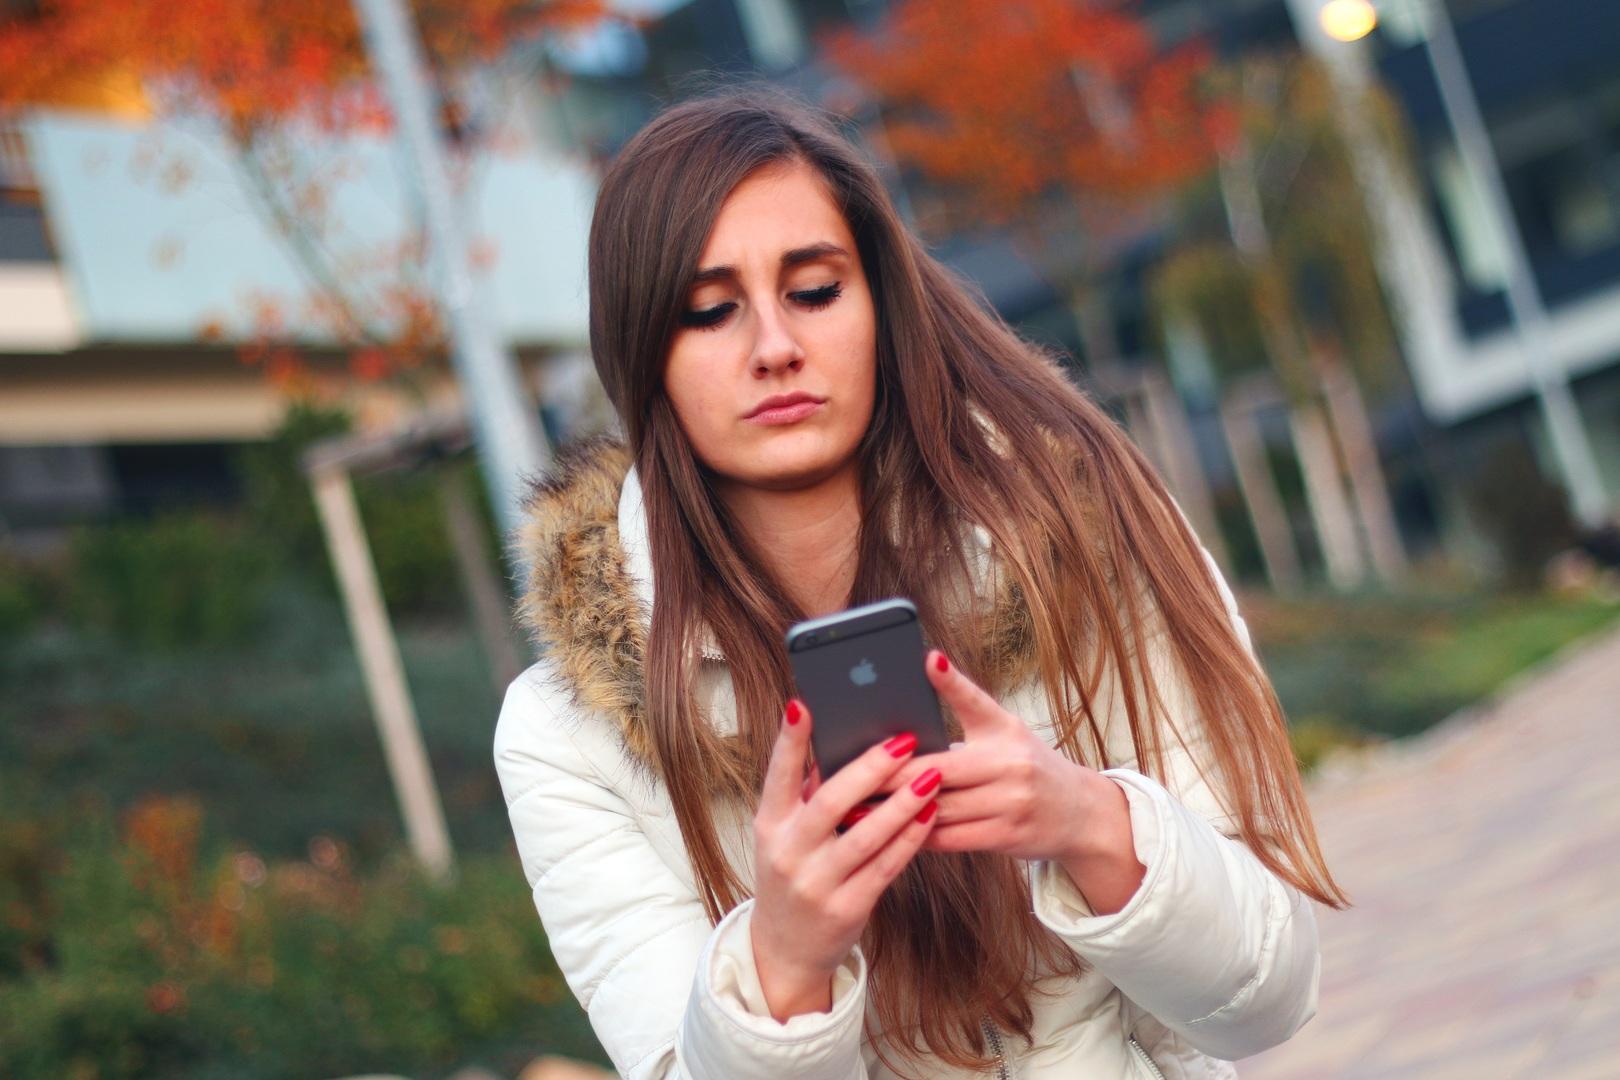 Назвали самые ненадежные мобильные телефоны в РФ